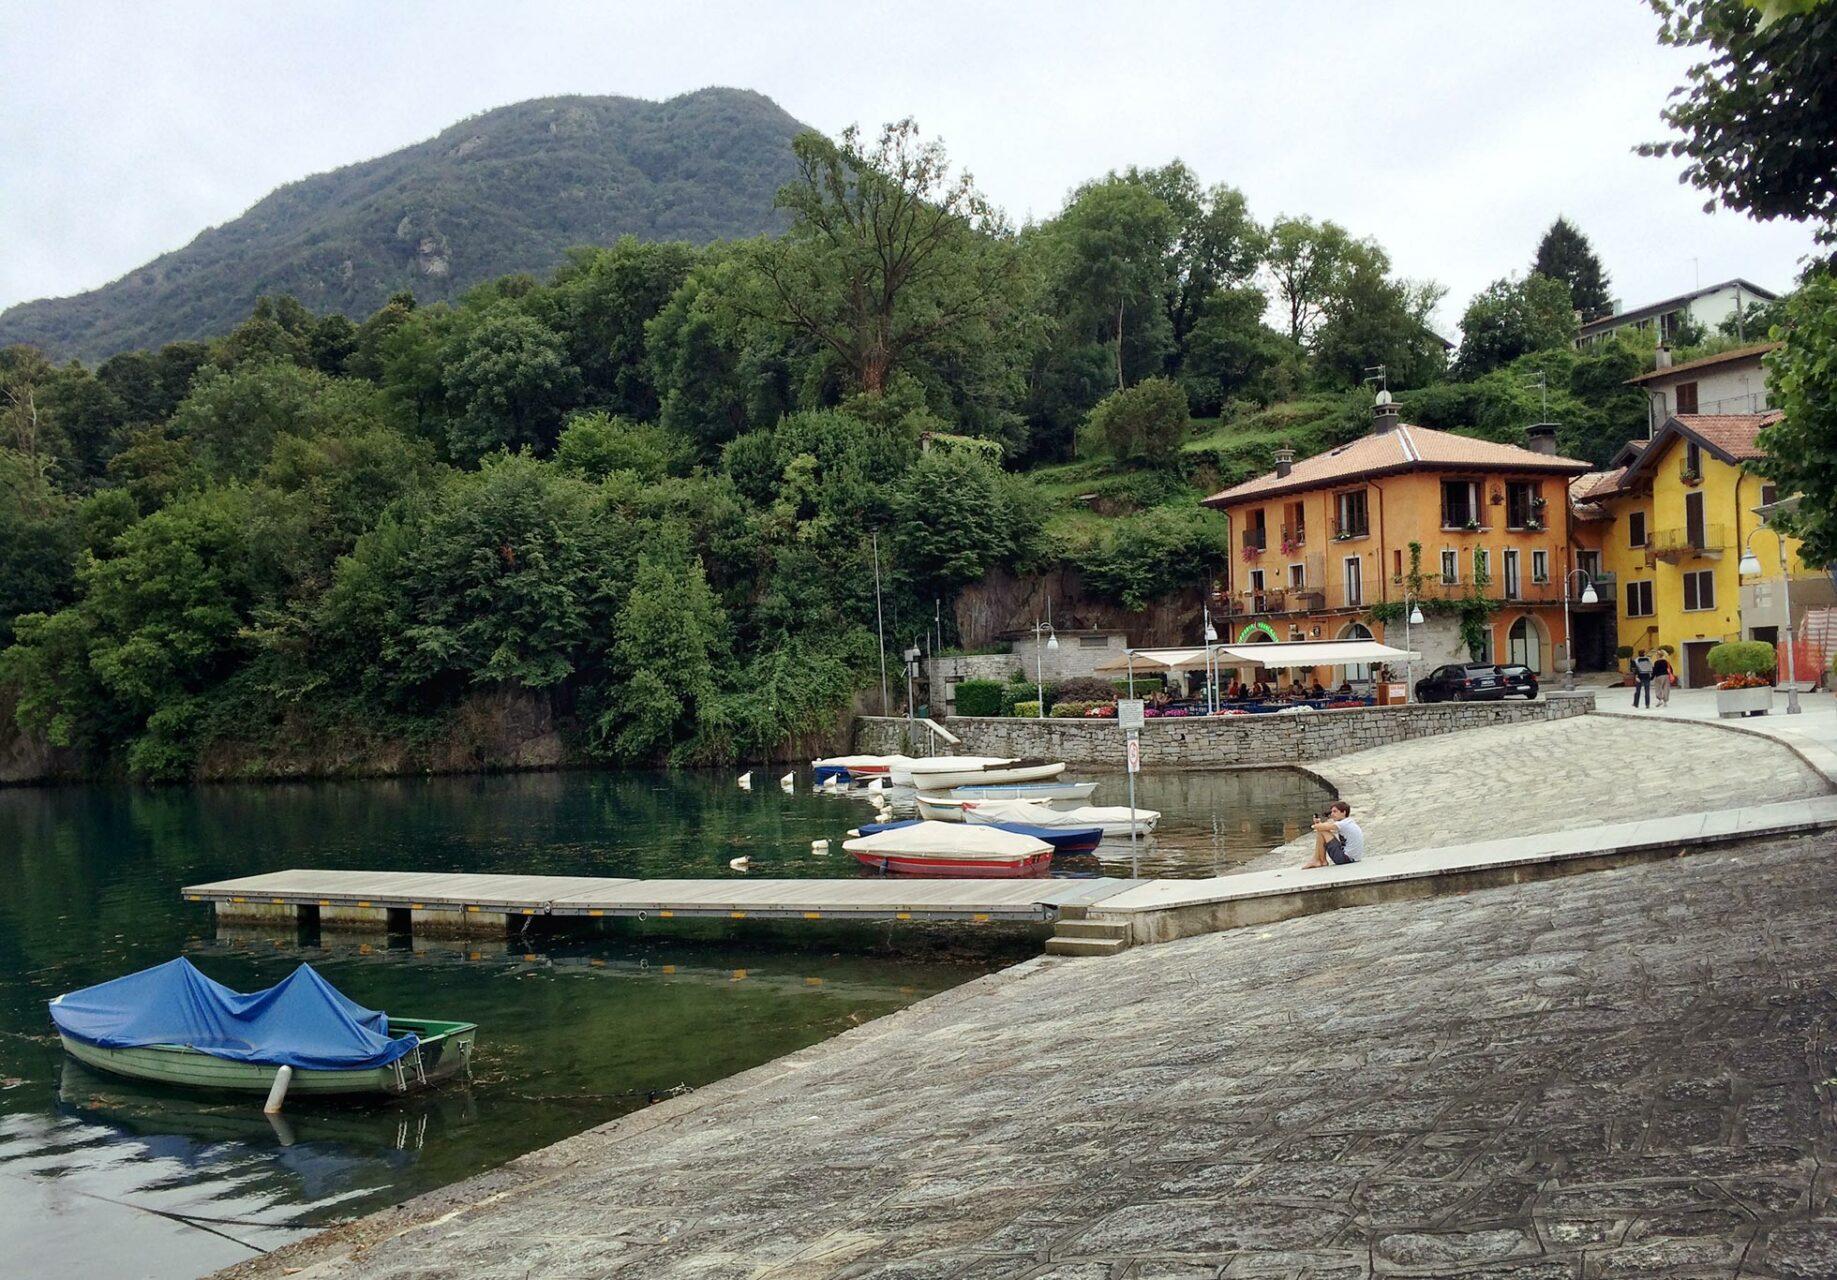 Den leckersten Kaffee mit Blick auf den Lago Mergozzo trinke ich in diesem Restaurant. Empfehlung.